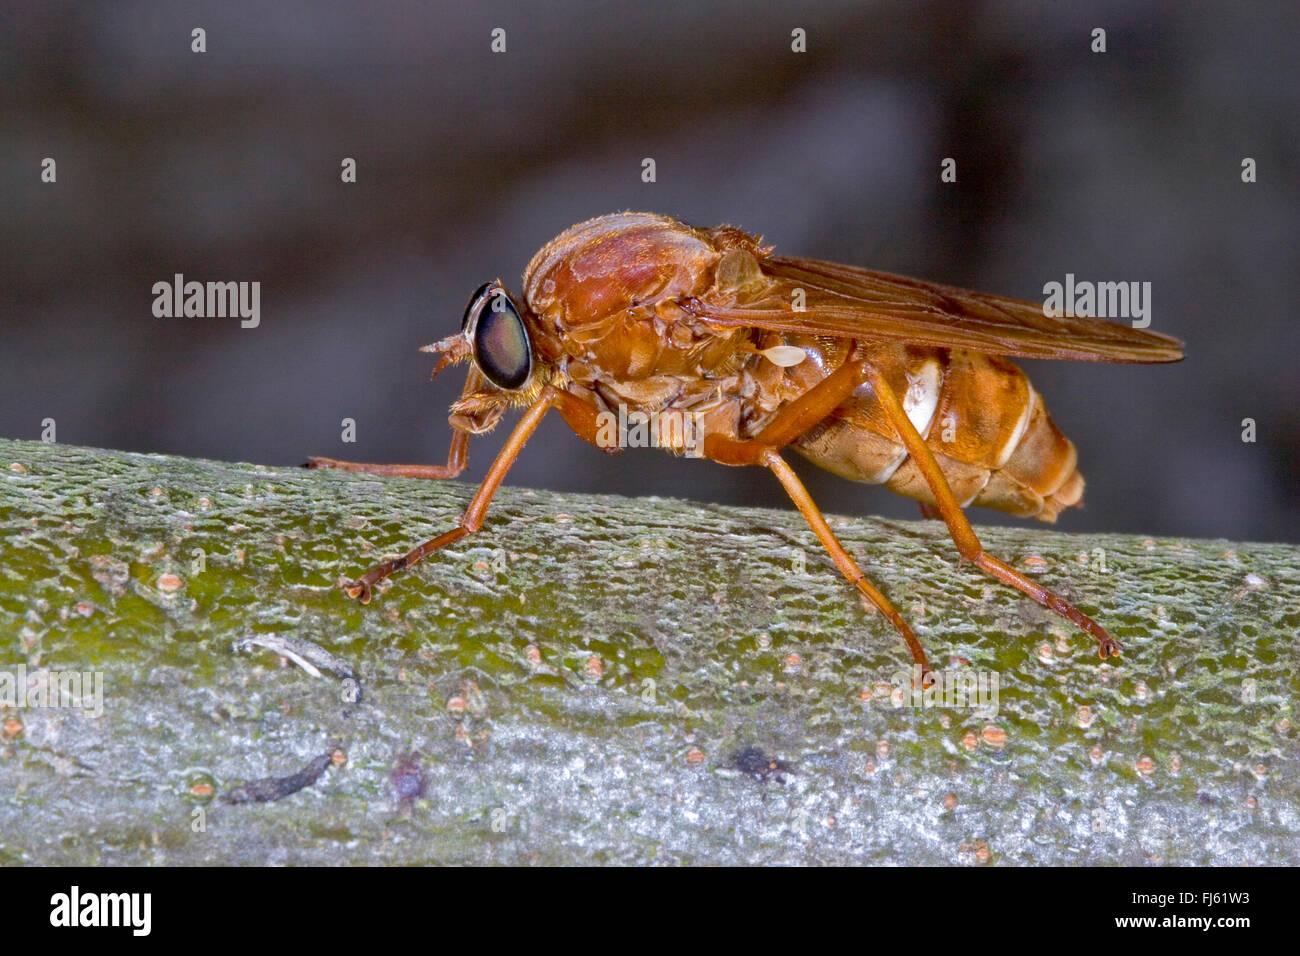 stinken Sie Fliege (Coenomyia Ferruginea), auf einem Zweig, Deutschland Stockbild